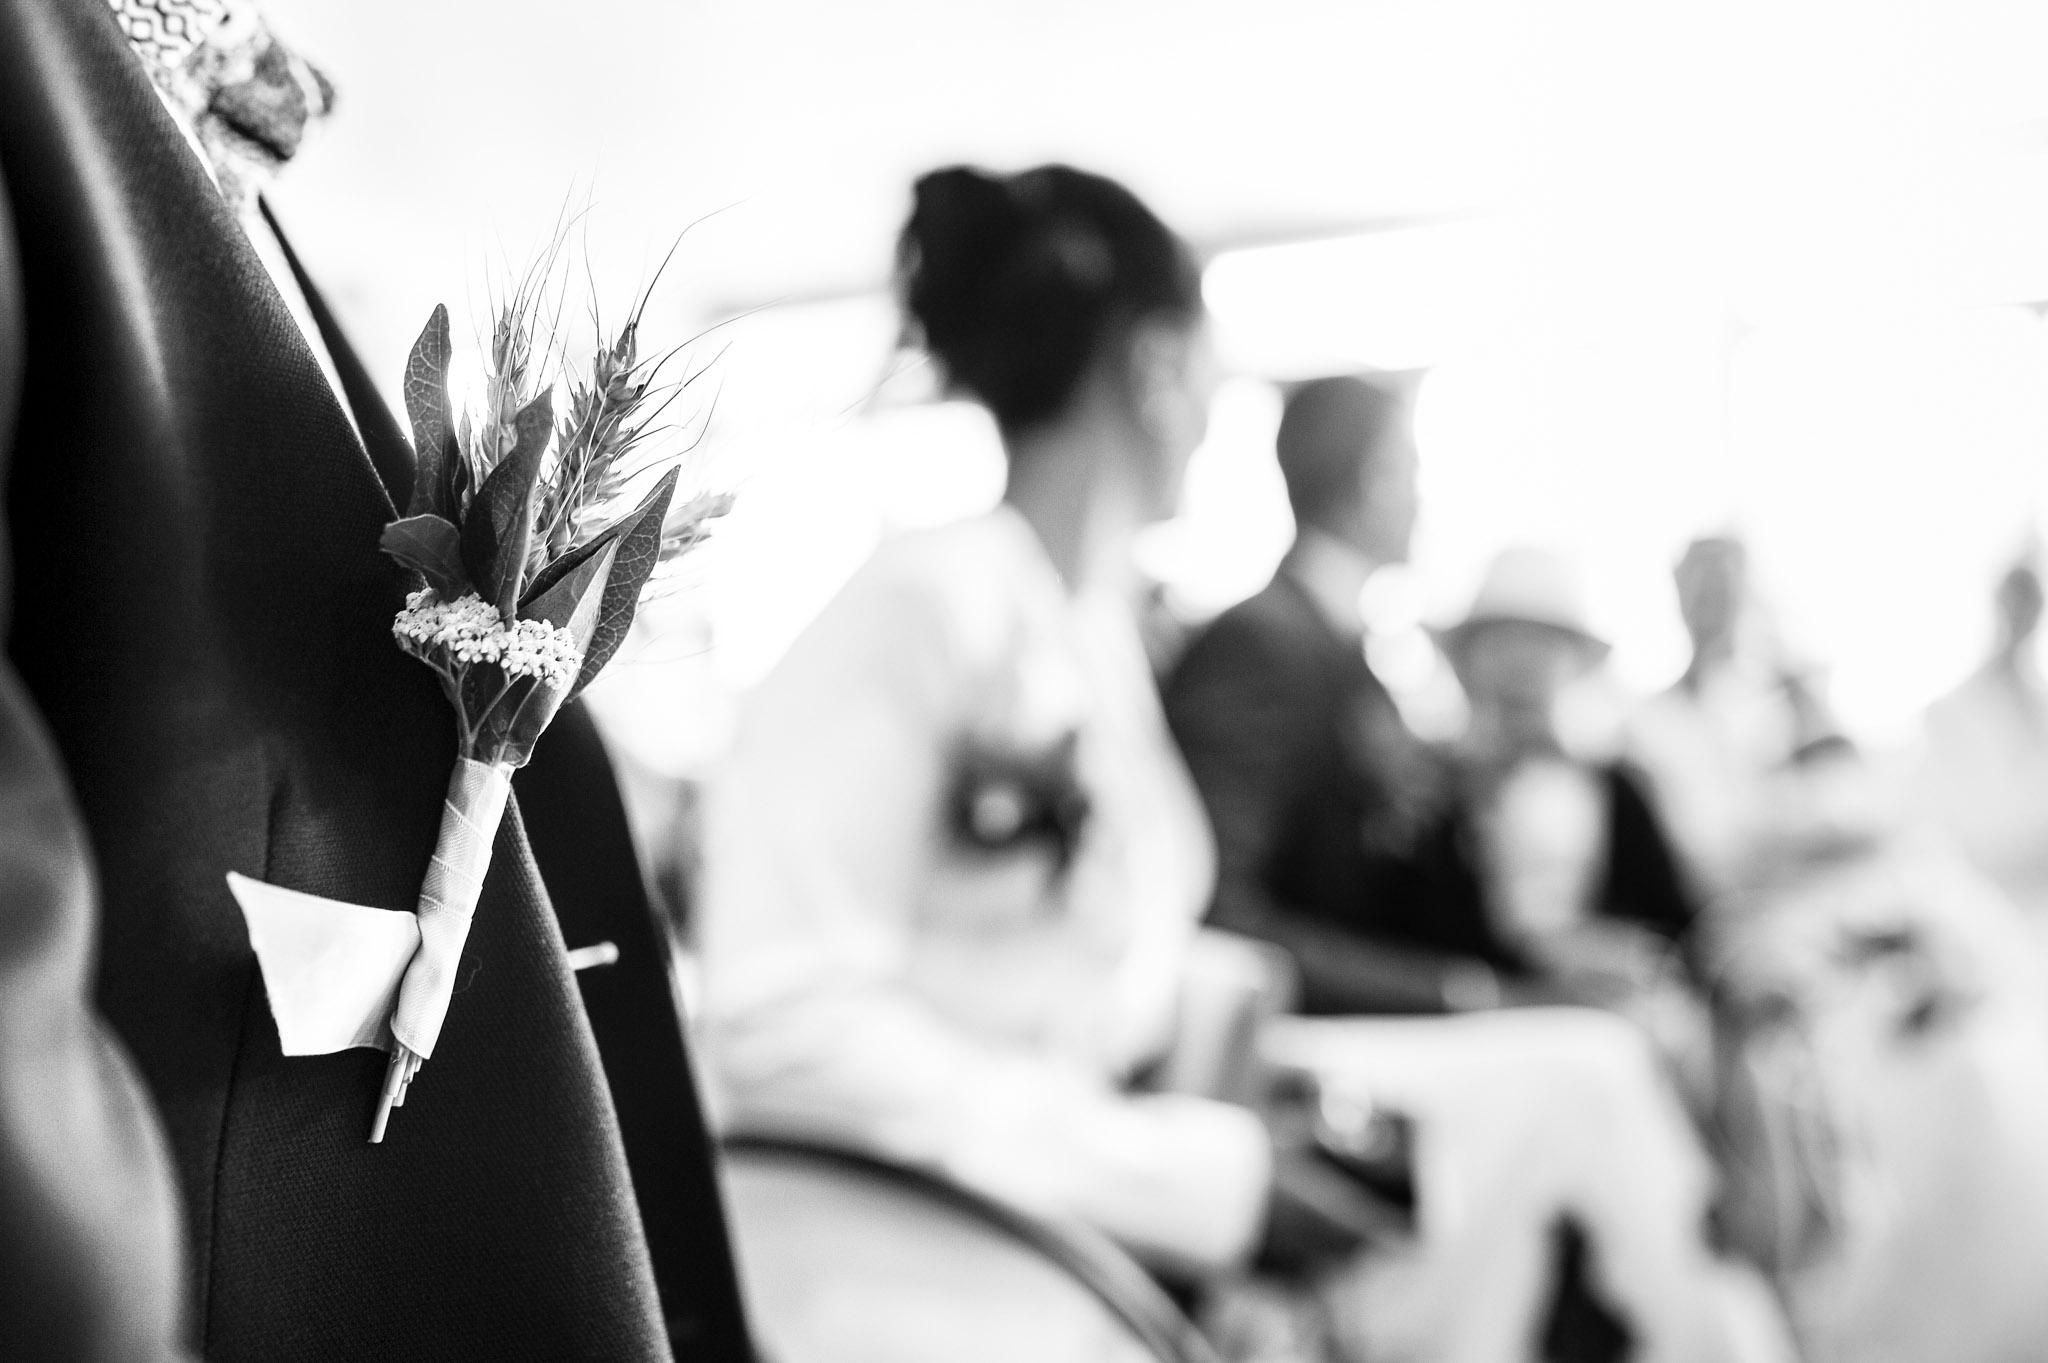 photographe de mariage pas cher,photographe de mariage pas cher,photographe professionnel tarif,photographe de mariage prix,photographe de mariage geneve,photographe professionnel mariage,photobooth mariage,photographe évenementiel,photographe portrait toulouse,photographe de mariage geneve,photographe de mariage tarif,photographe de mariage montelimar,photographe beauté,photographe de mariage ain,photographe original mariage,photographe grenoble mariage,photographe de mariage grenoble,photographe de mariage luxe,photo mariage couple originale,photographe de mariage narbonne,photographe portrait toulouse,photographe de mariage grenoble,photographe portrait toulouse,photographe professionnel pour mariage,photographe de mariage grenoble,photographe portrait toulouse,photographe professionnel pour mariage,photo mariage couple originale,photographe de mariage narbonne,photographe portrait toulouse,photographe de mariage grenoble,photographe portrait toulouse,photographe professionnel pour mariage,photographe de mariage annecy,photographe de mariage loire,photographe de mariage forfait,photographe de mariage ain,photographe de mariage oriental,photographe pro mariage,photographe de mariage ardeche,photographe de mariage grenoble,photographe pour mariage pas cher,photographe de mariage pas cher,photographe de mariage pas cher,photographe professionnel tarif,photographe de mariage pas cher,photographe de mariage pas cher,photographe de mariage geneve,photographe de mariage ,photographe de mariage Dubai,photographe pour mariage